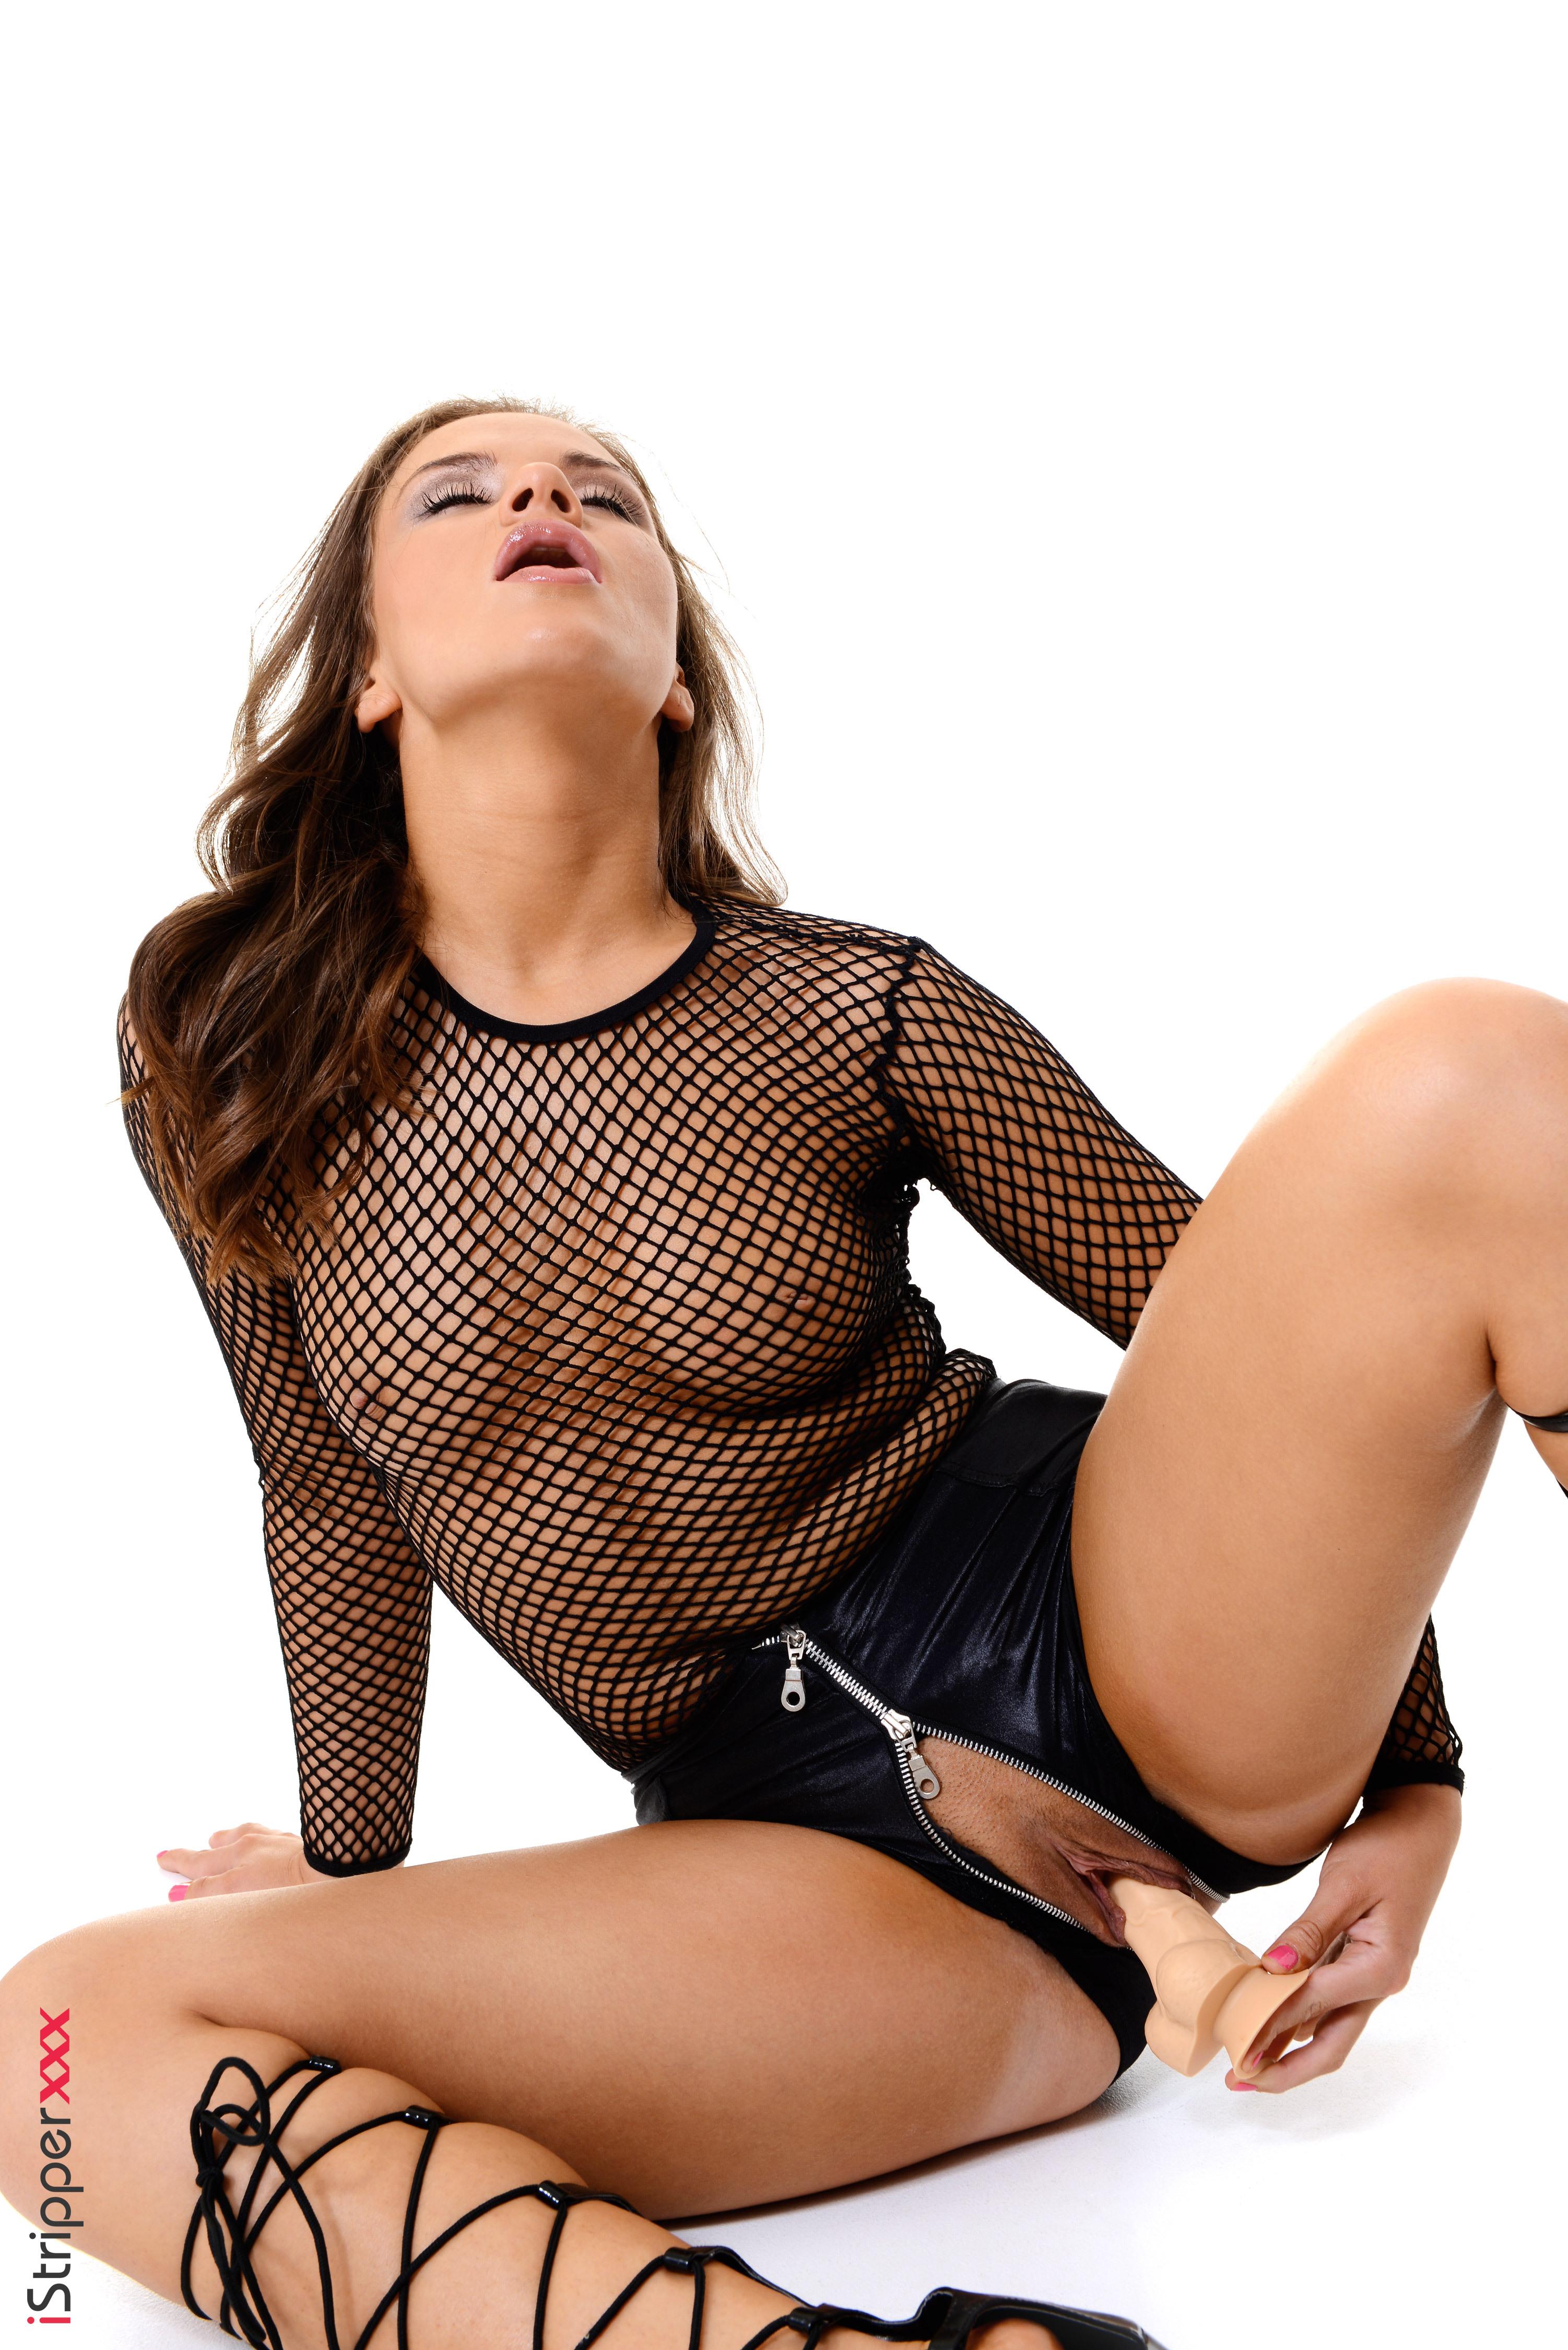 erotica wallpapers net